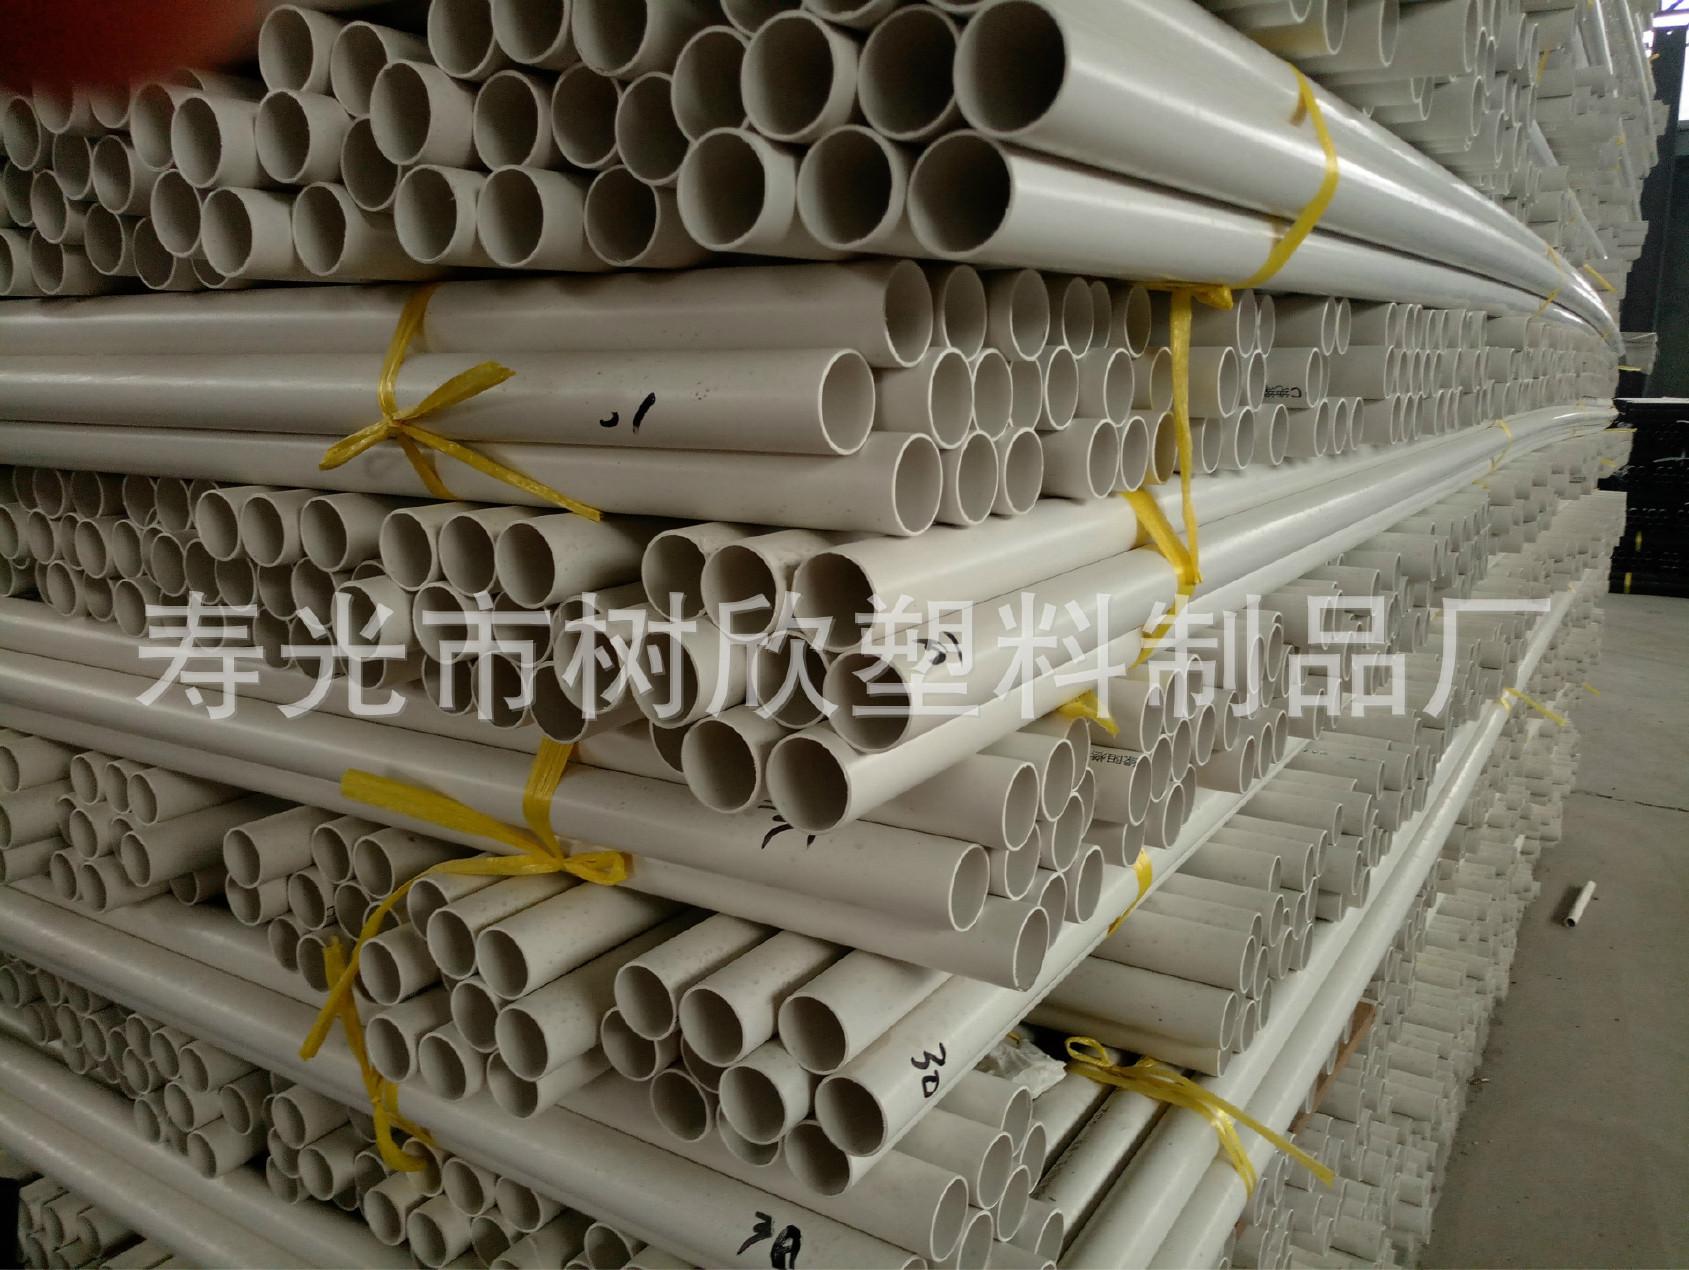 pvc电工套管 pvc阻燃建筑用绝缘电工套管 PVC电线管穿线管批发示例图48